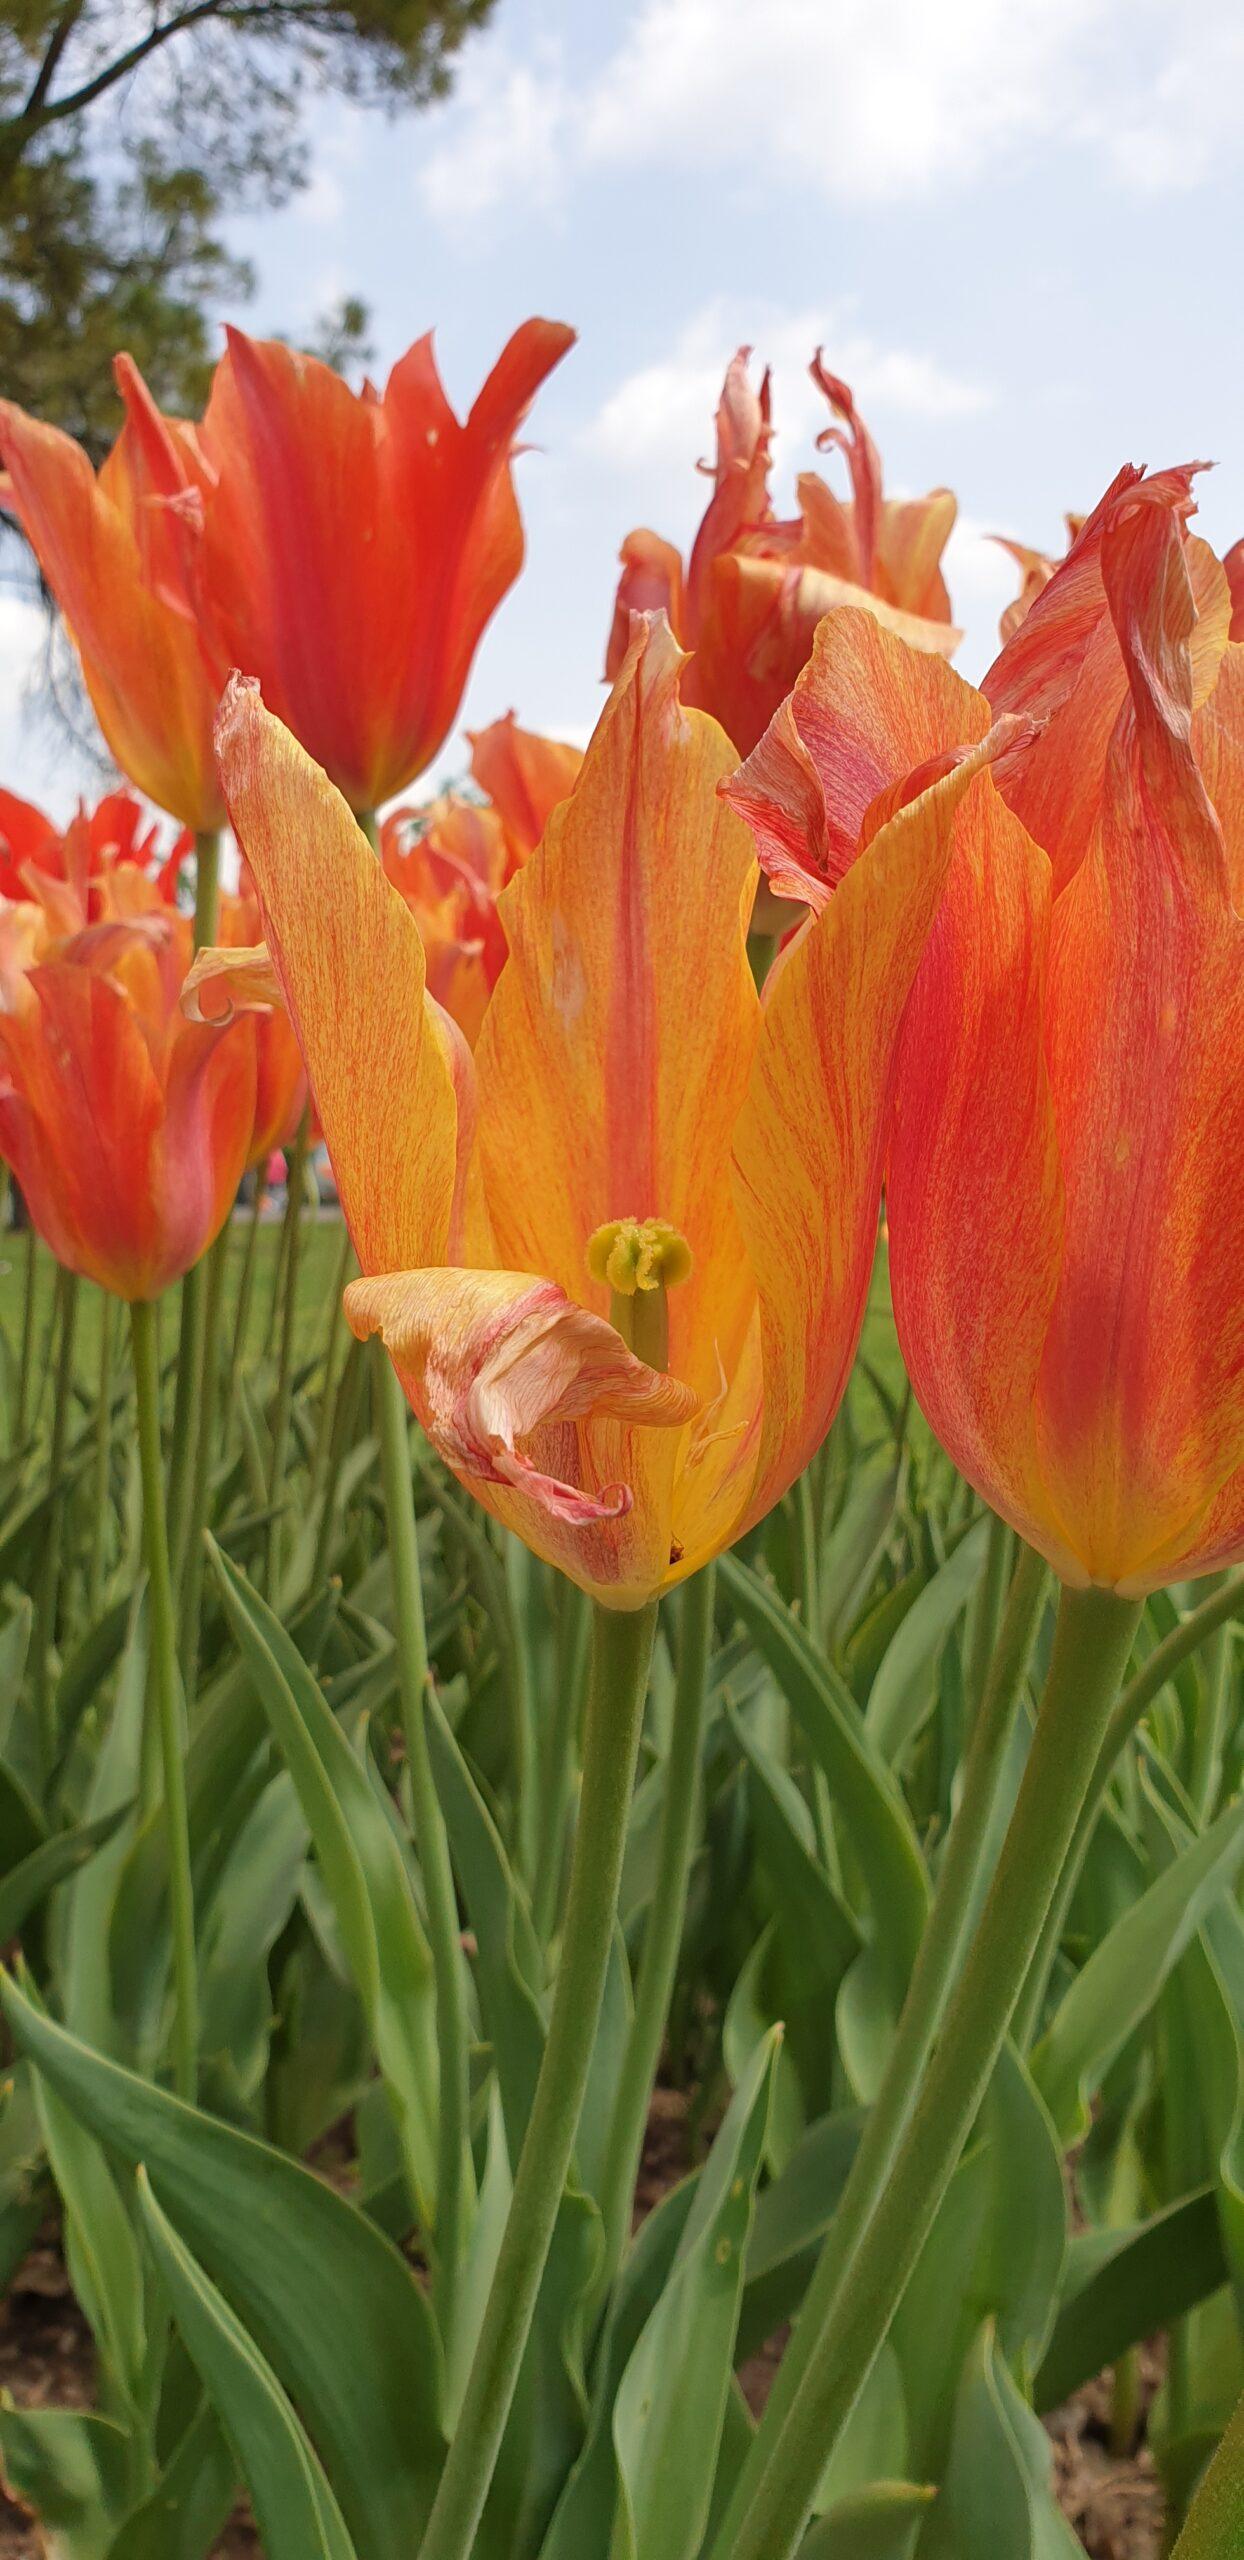 Il virus del mosaico del tulipano (Tulip Breaking Virus) colpisce molte piante erbacee da fiore, come il tulipano e il giglio [Photo: Dottoressa Beatrice Cavenago].